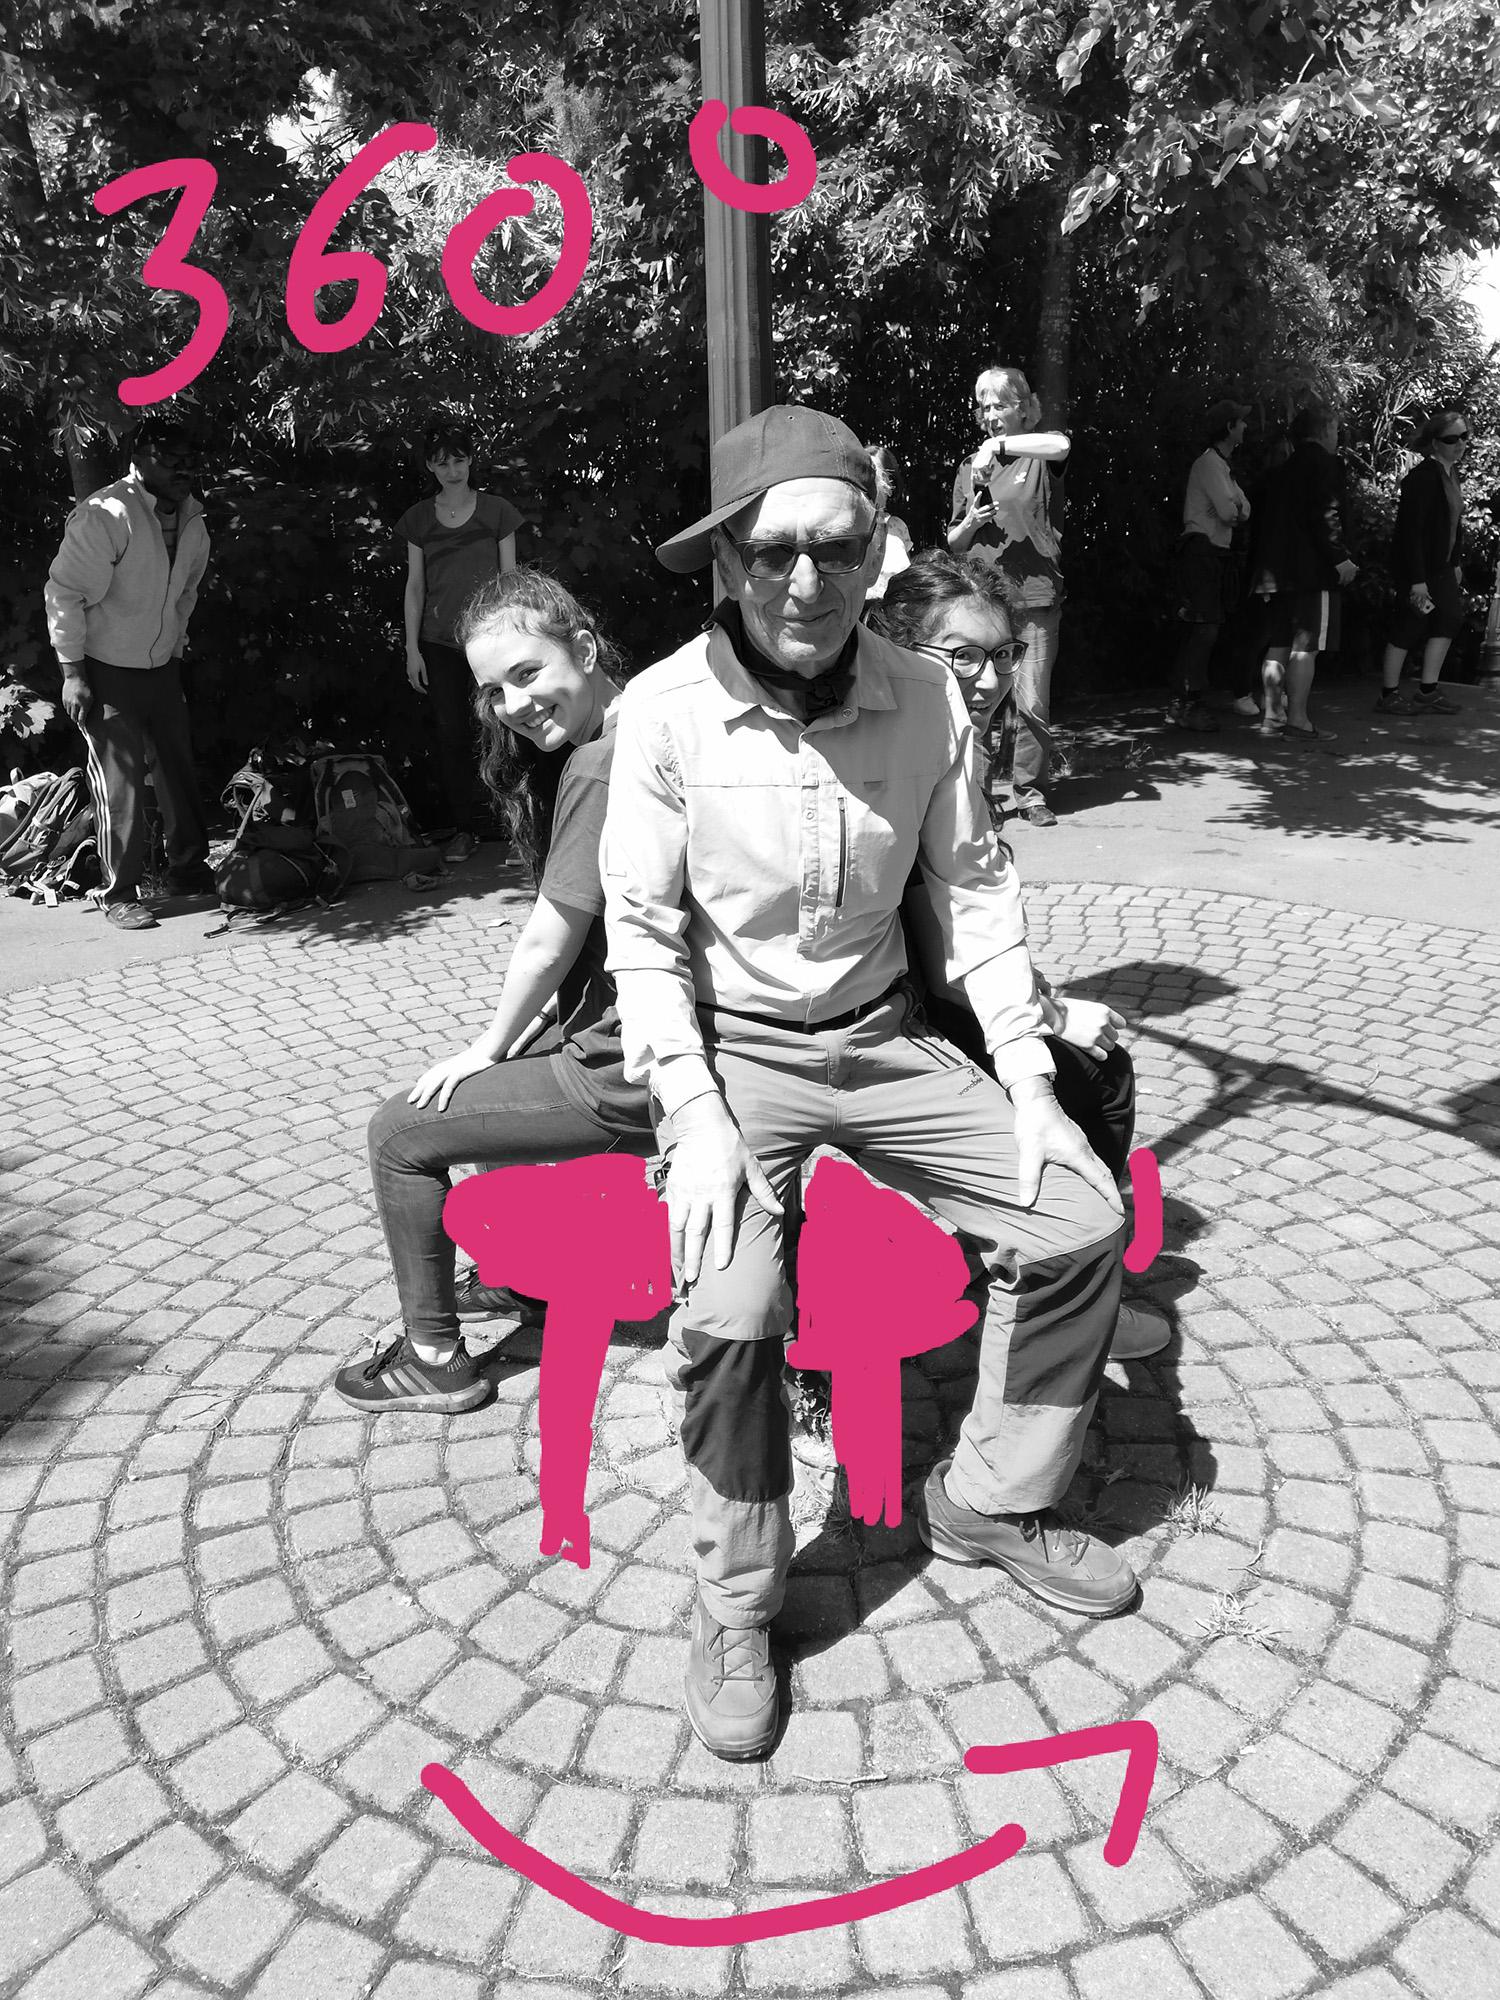 Banc tournant #ParcdesHauteurs #LesLilas #EstEnsemble #PlateauPhoto